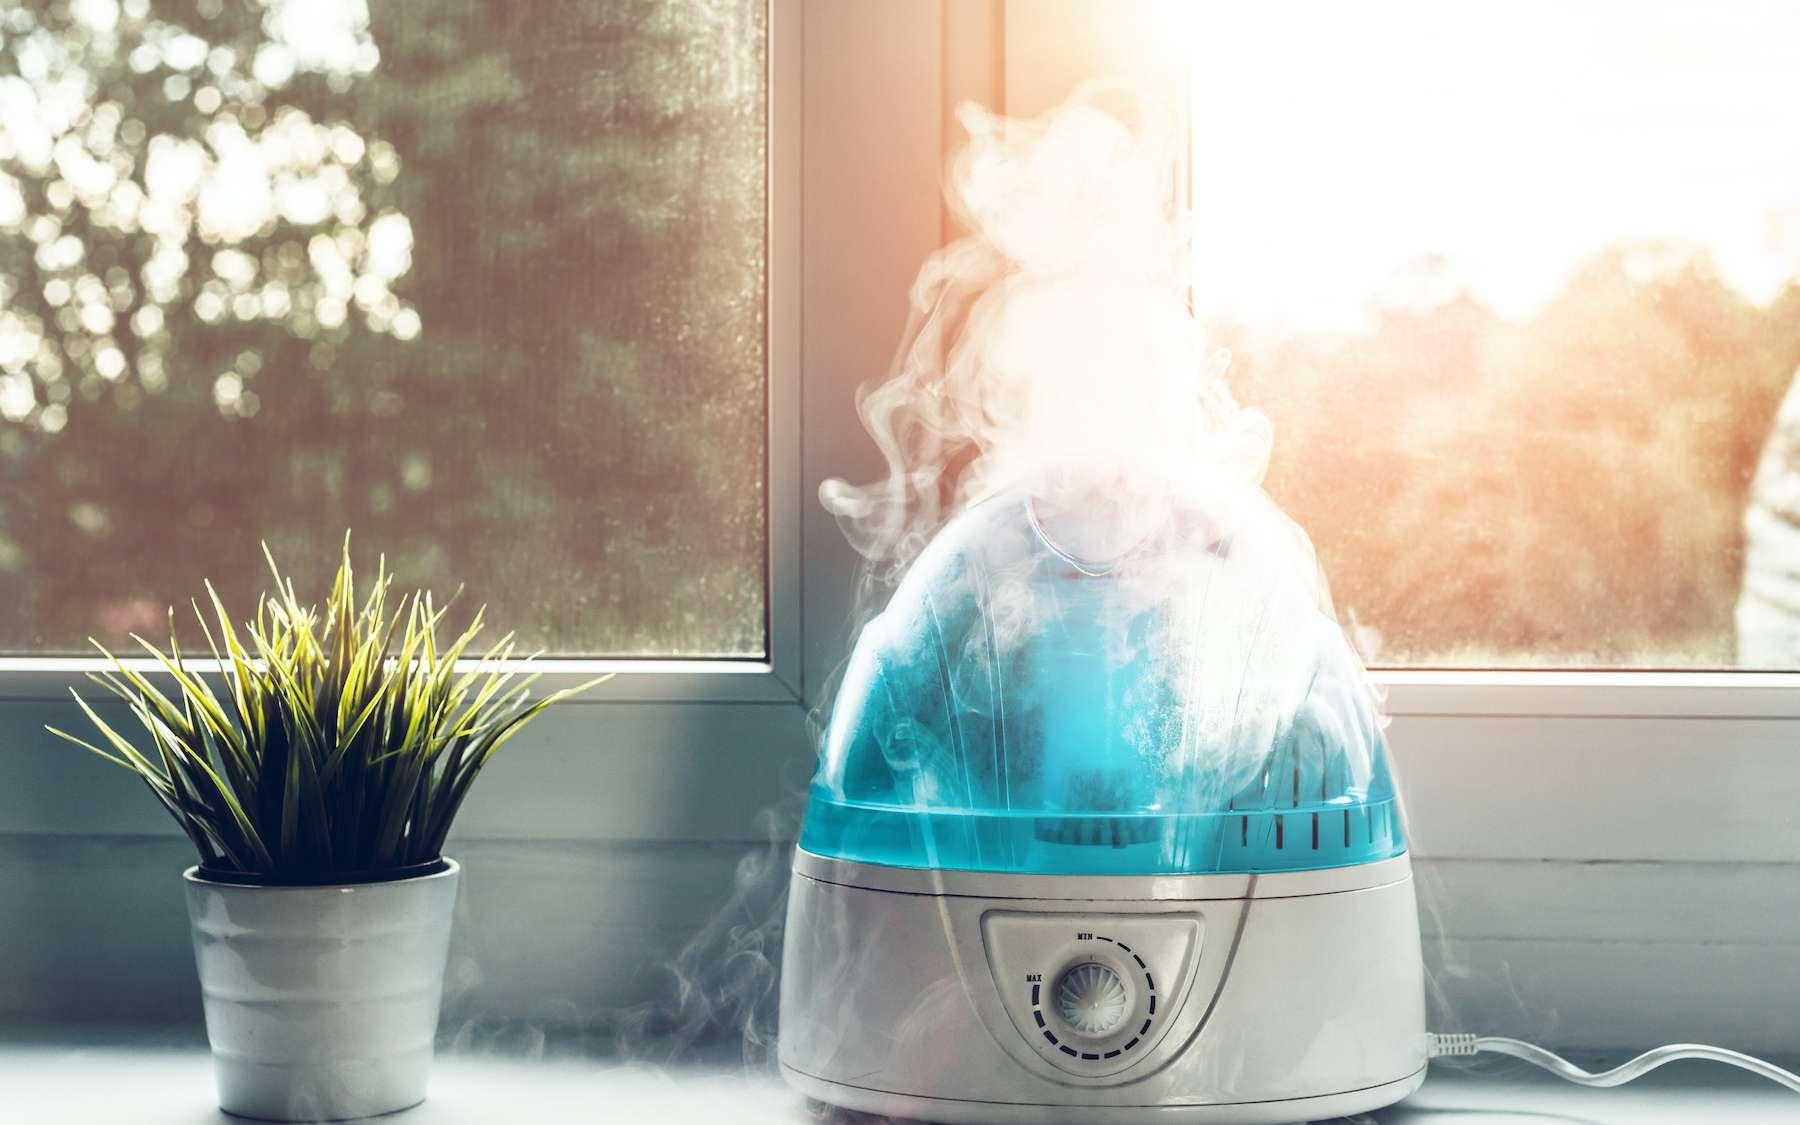 Maintenir un air intérieur suffisamment humide limite le risque d'infection par un virus. © Sebastian, Adobe Stock